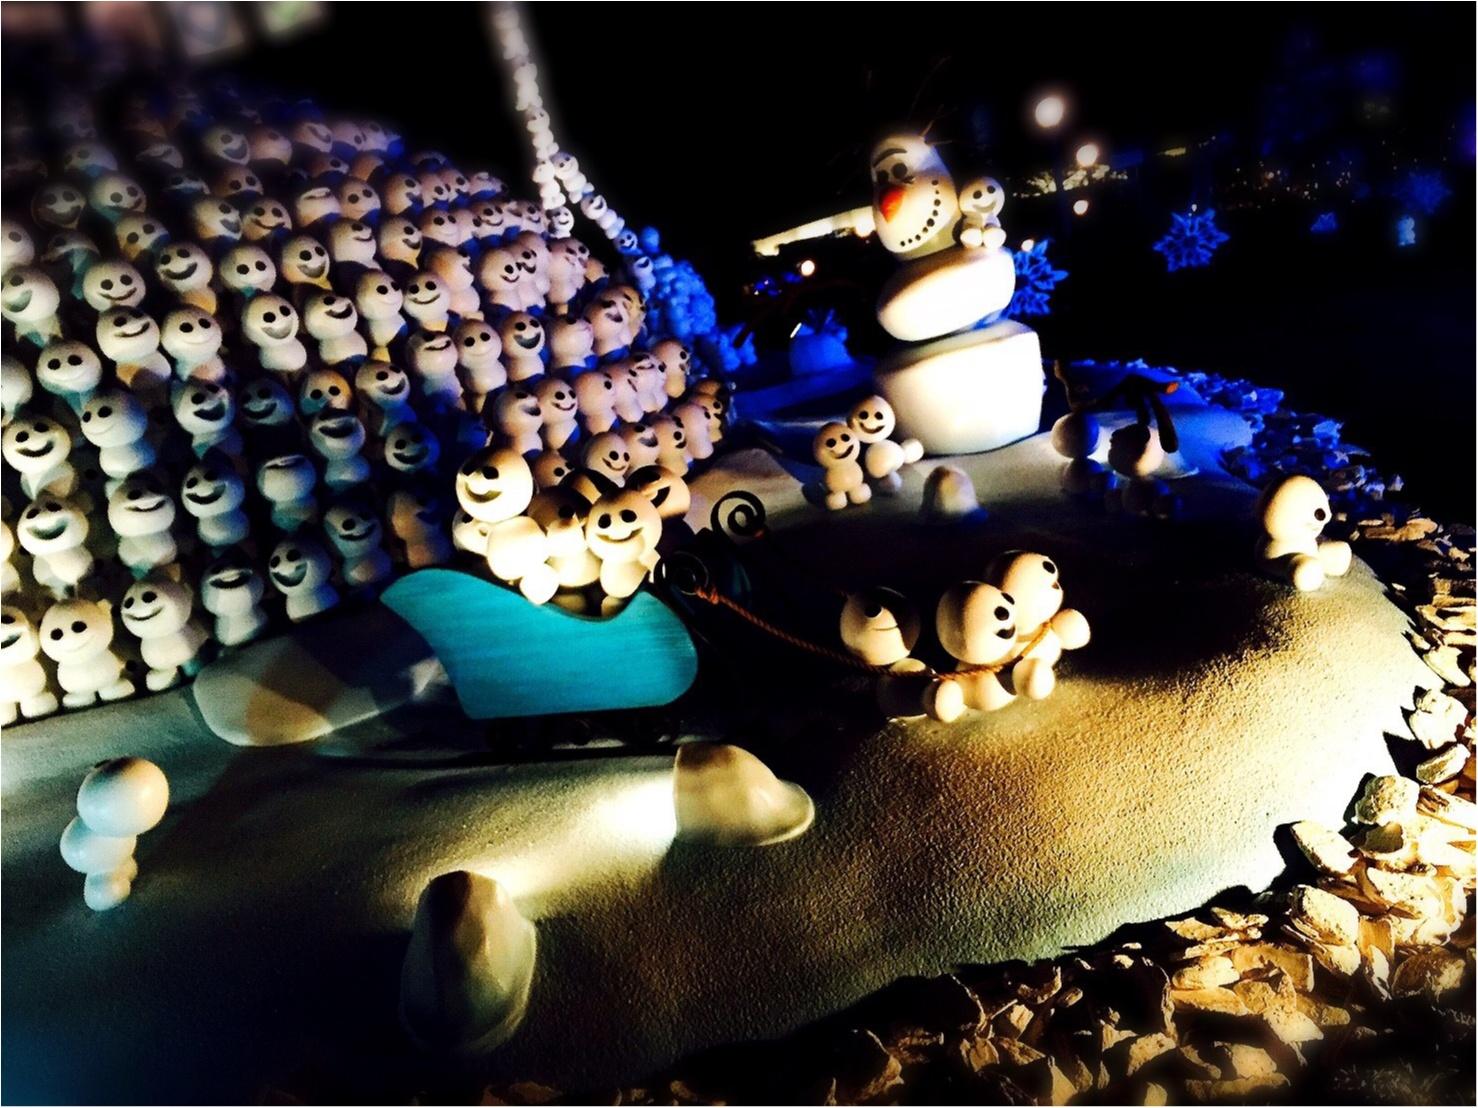 会社あがりでも十分満喫!平日ディズニー♡アナ雪のプロジェクションマッピングみてきました!_1